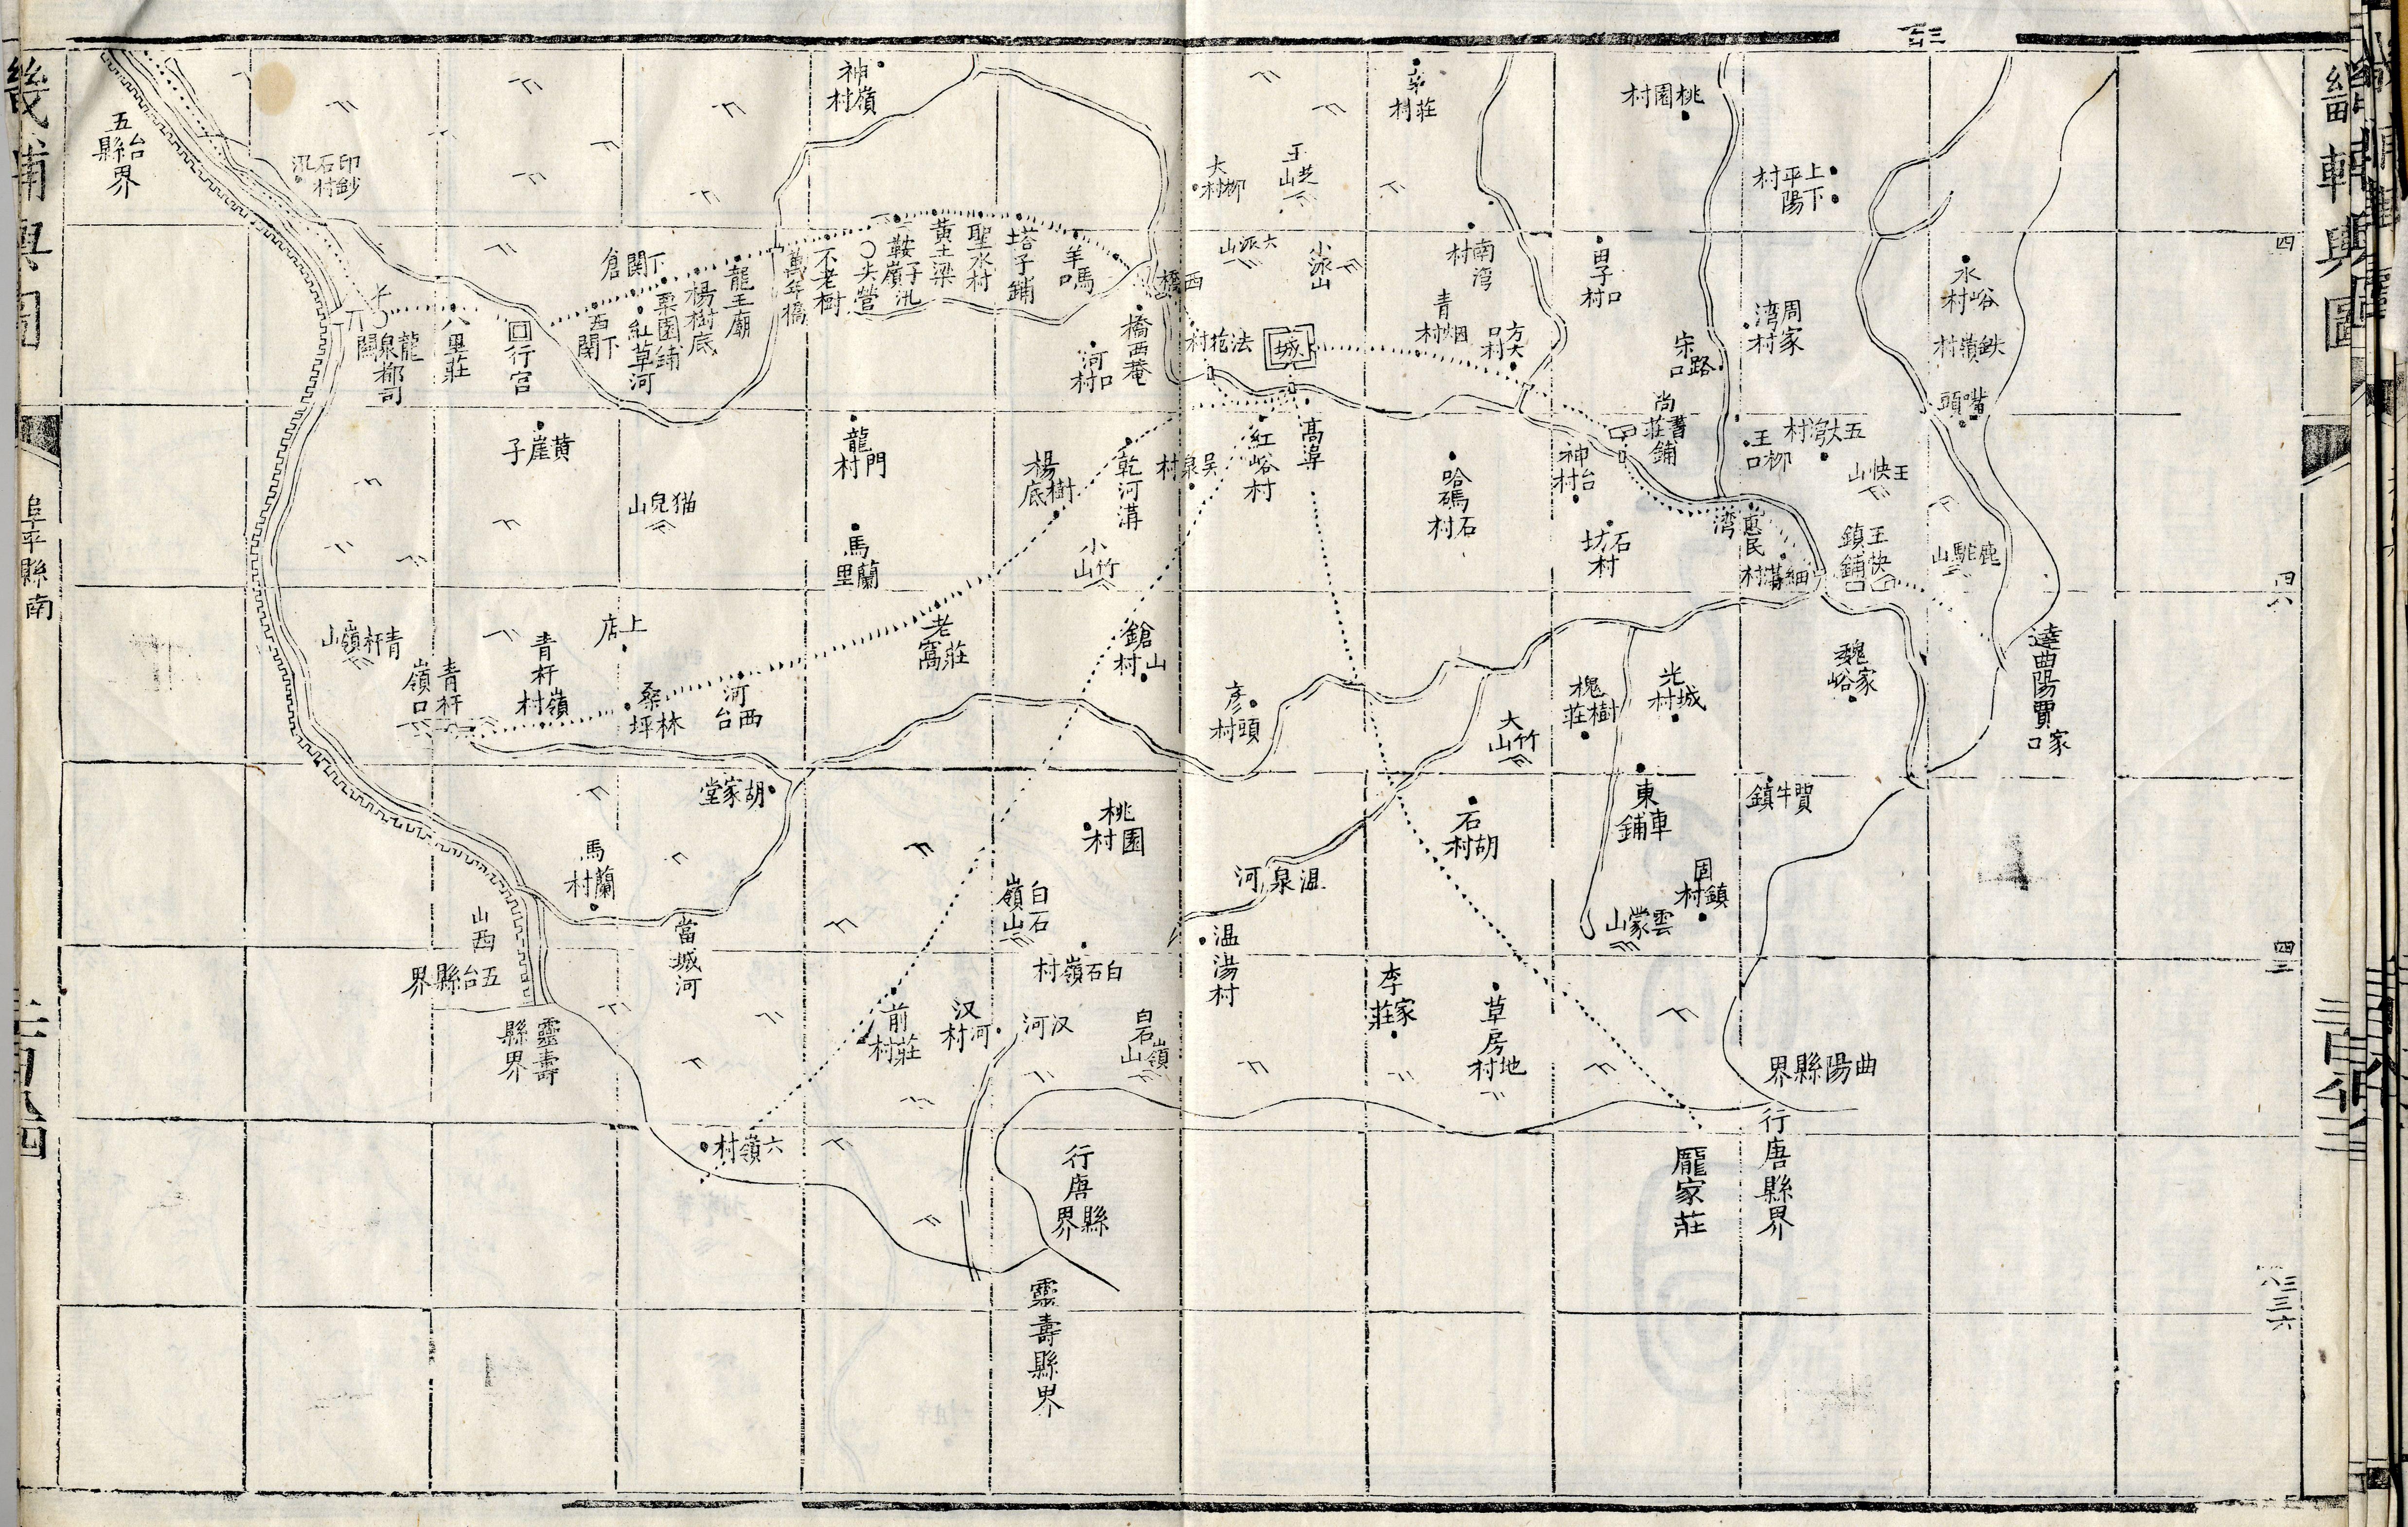 图阜平县图之一图片